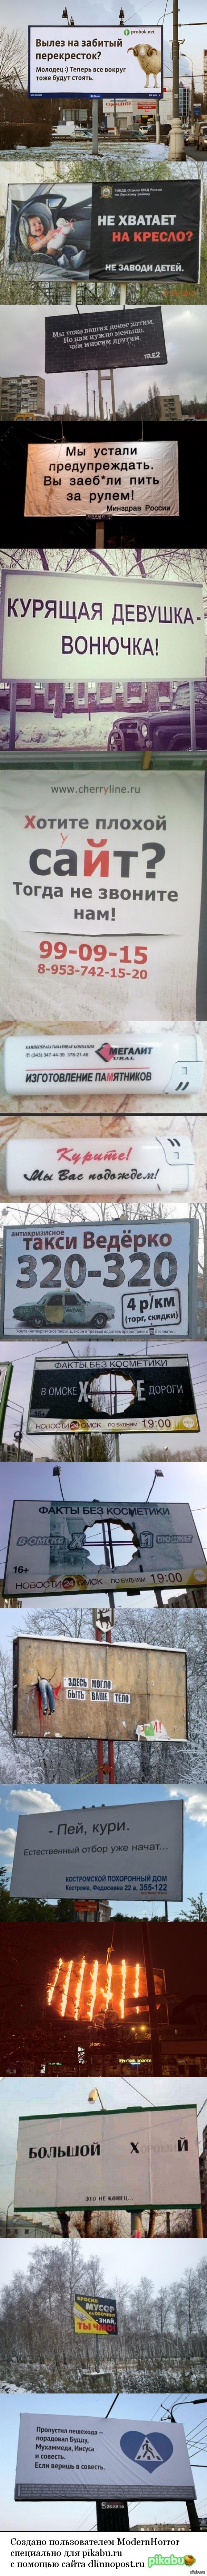 Суровая Русская Реклама